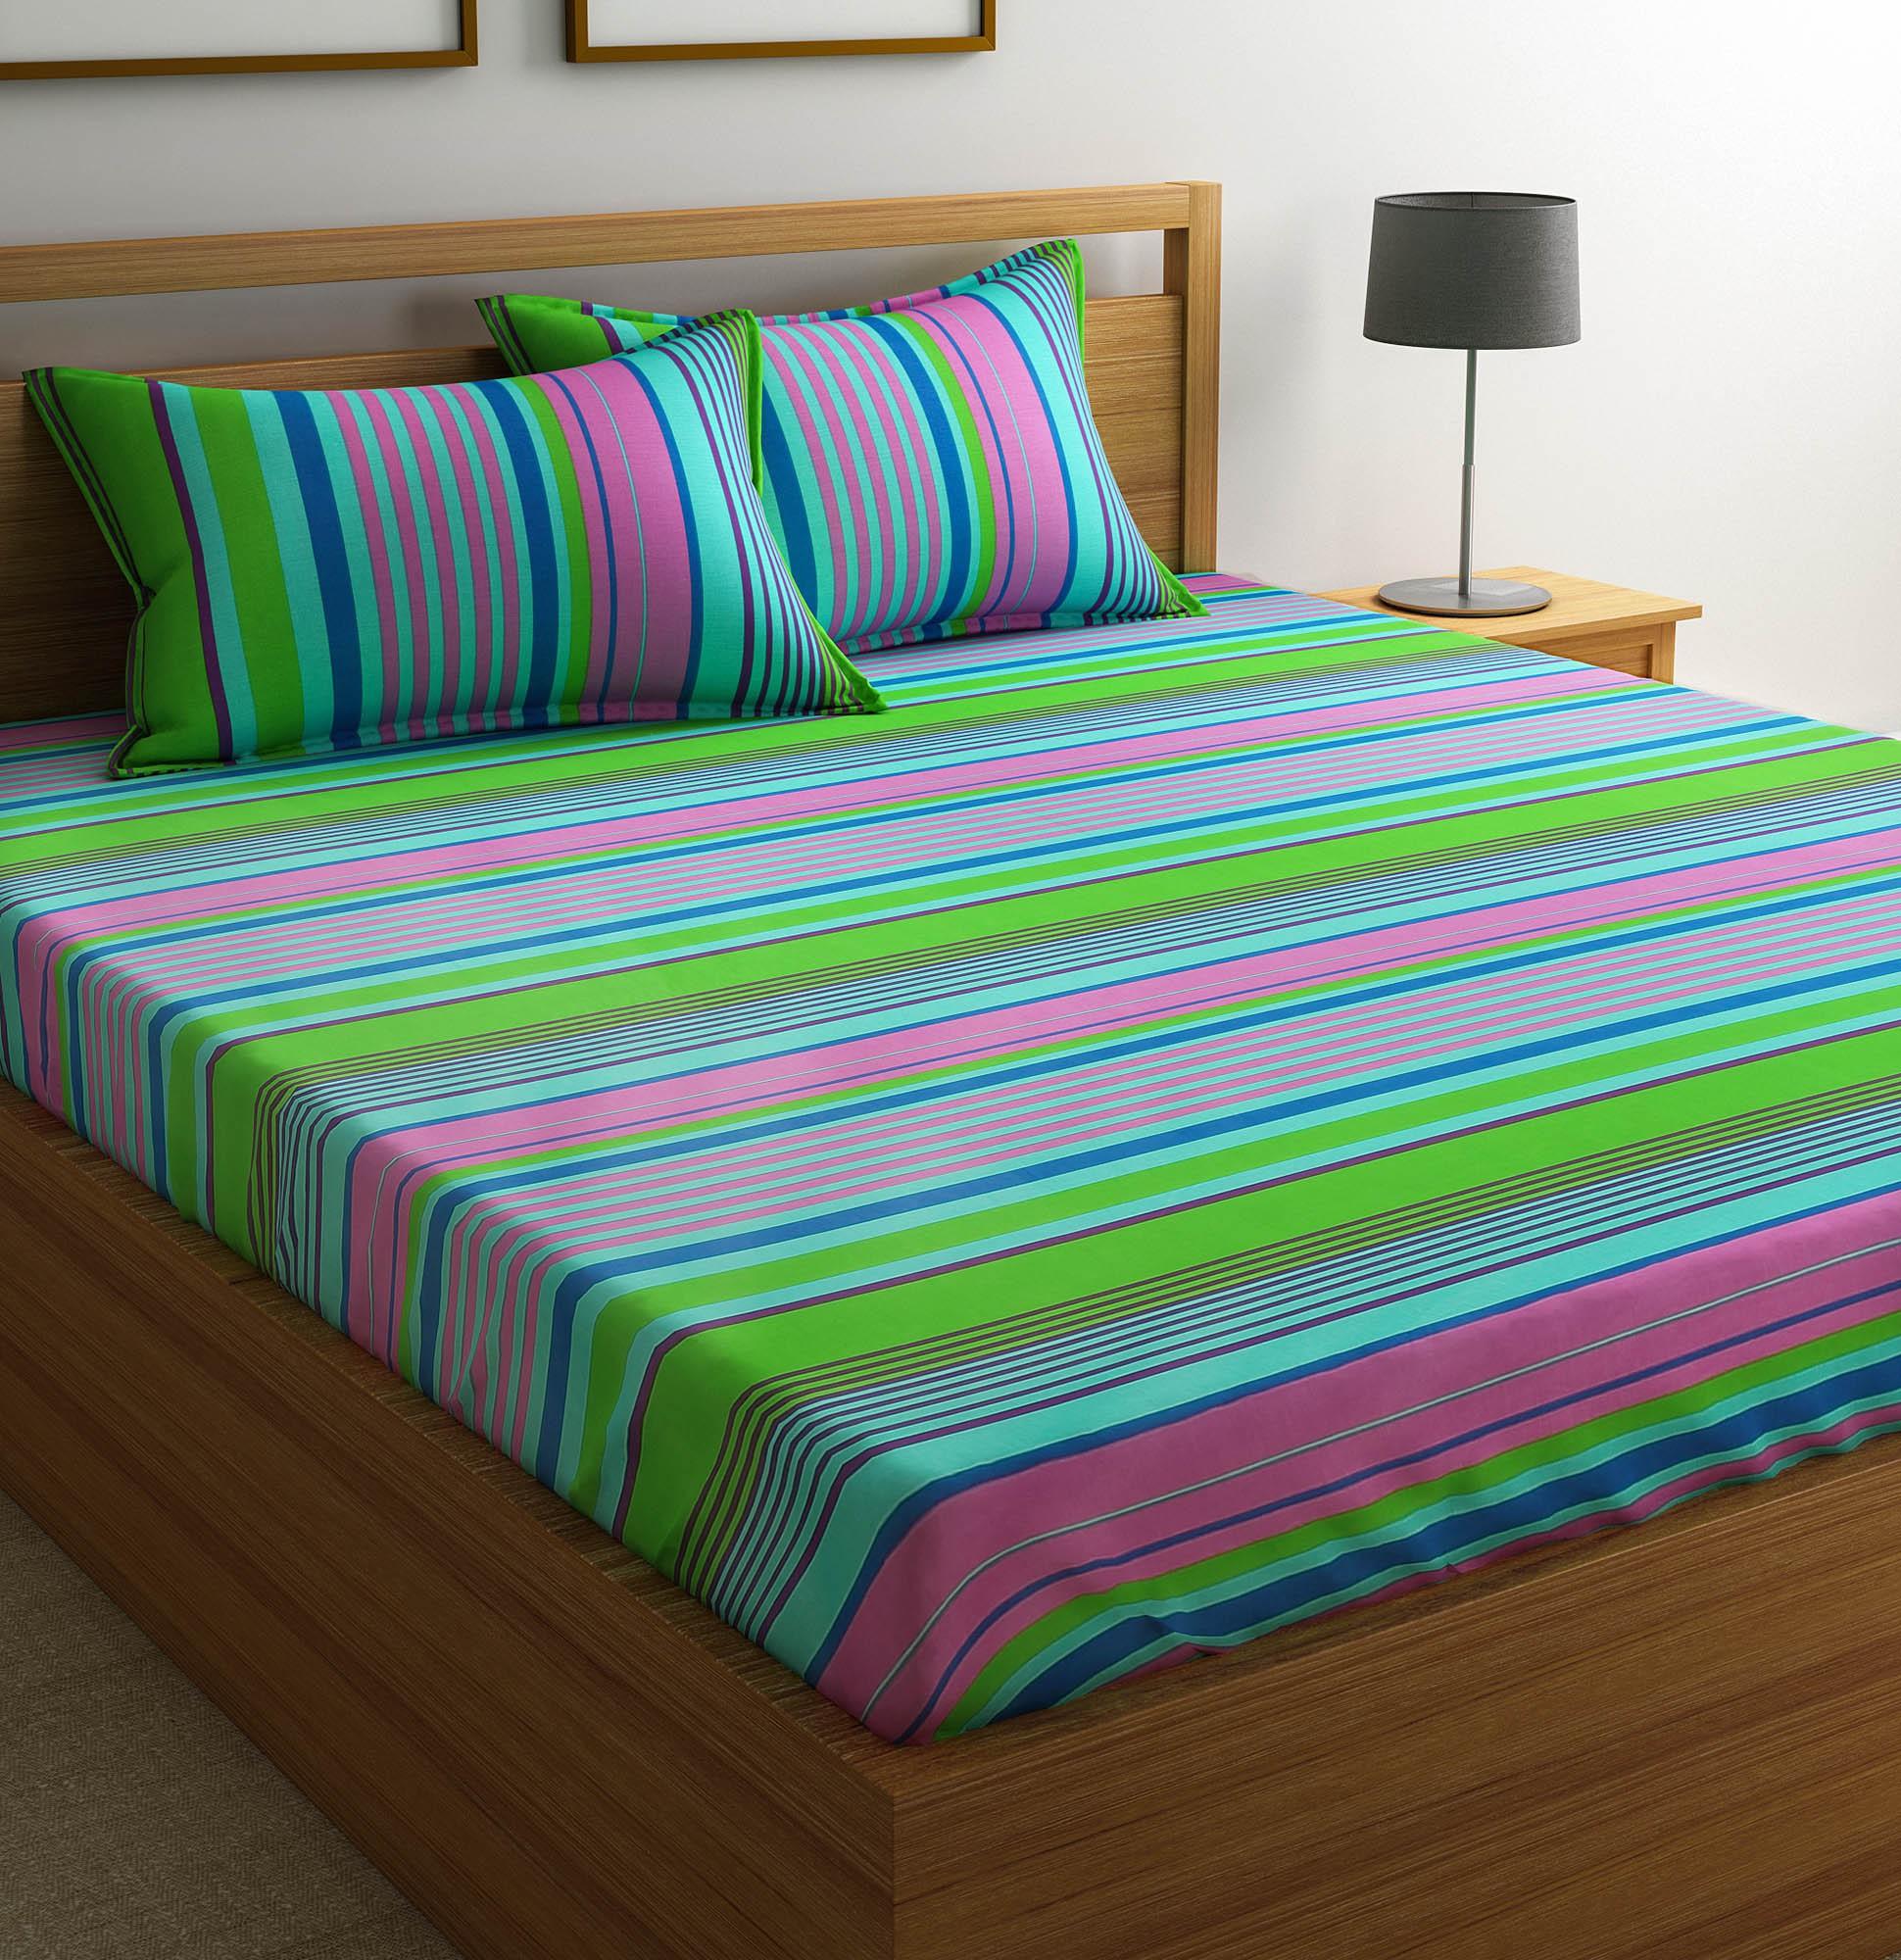 Flipkart - Double Size Premium Bedsheets